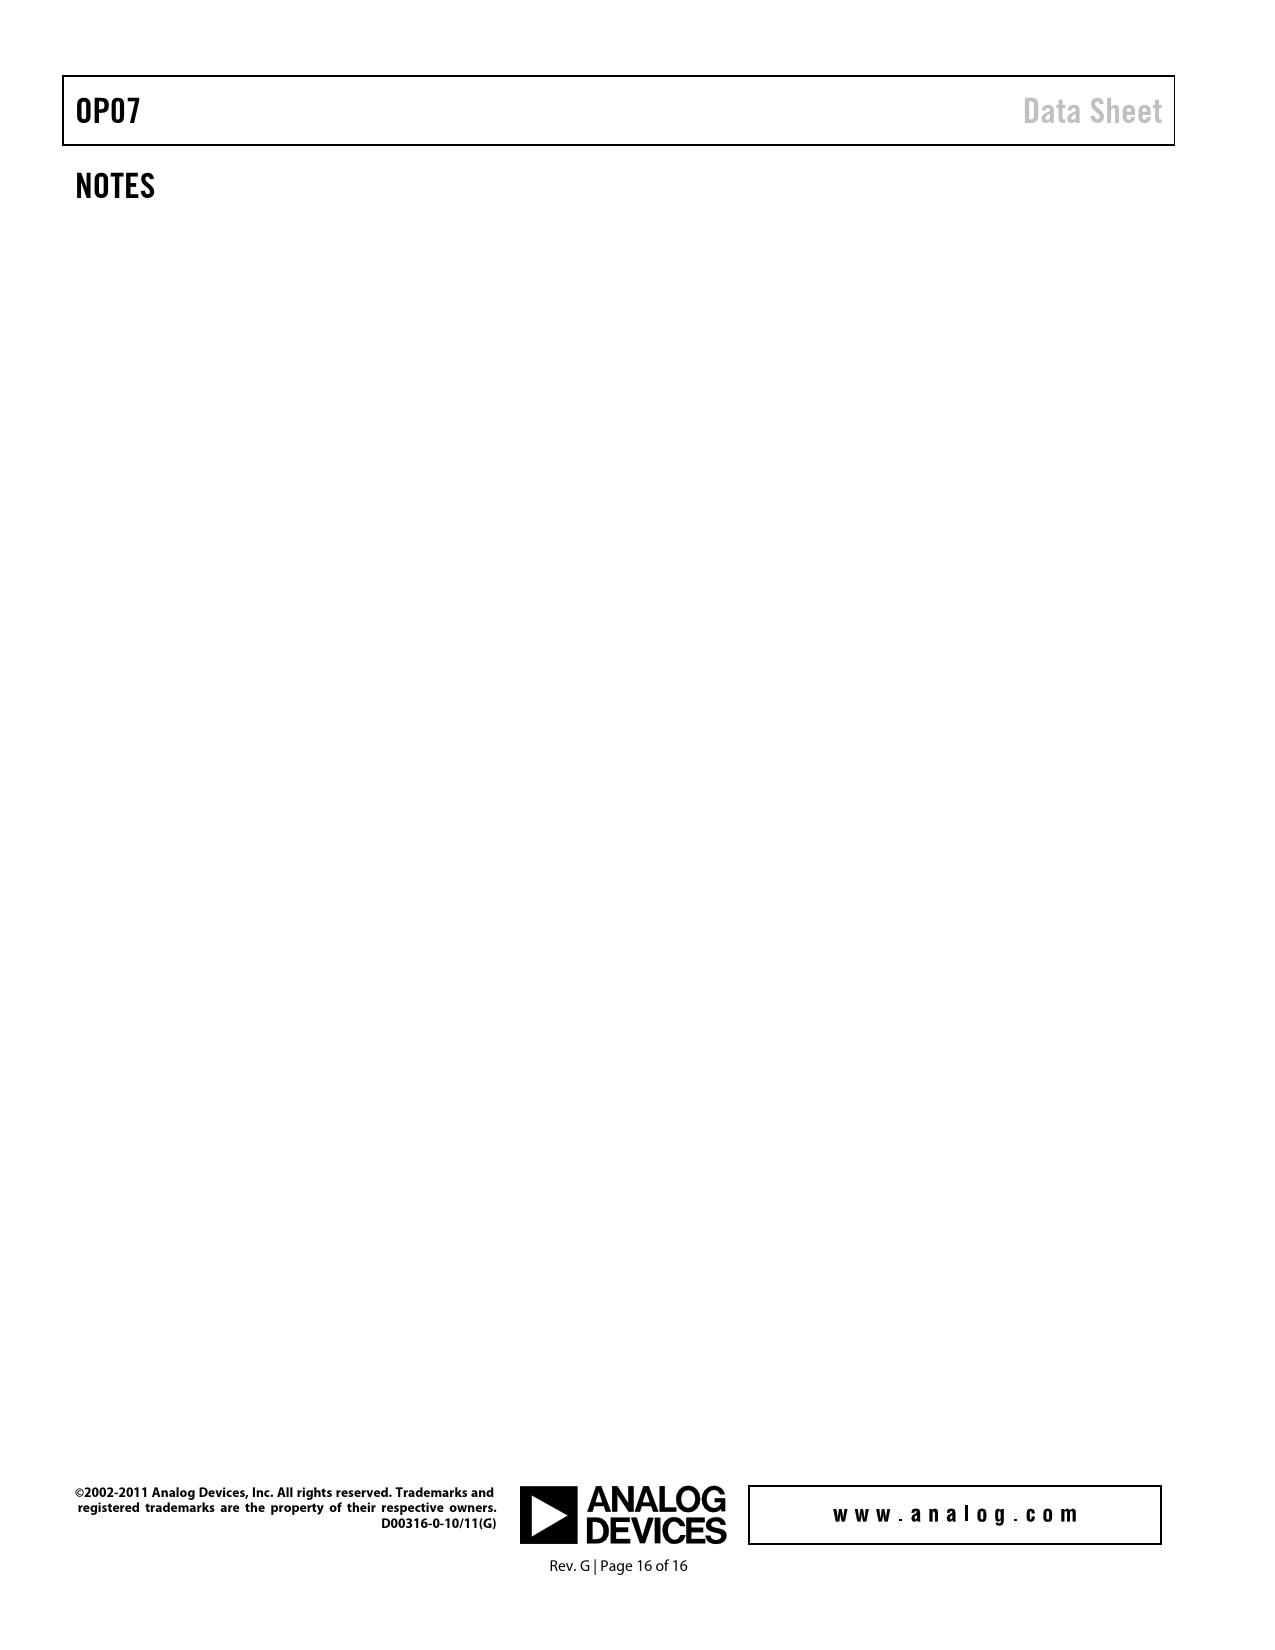 OP07 Data Sheet NOTES